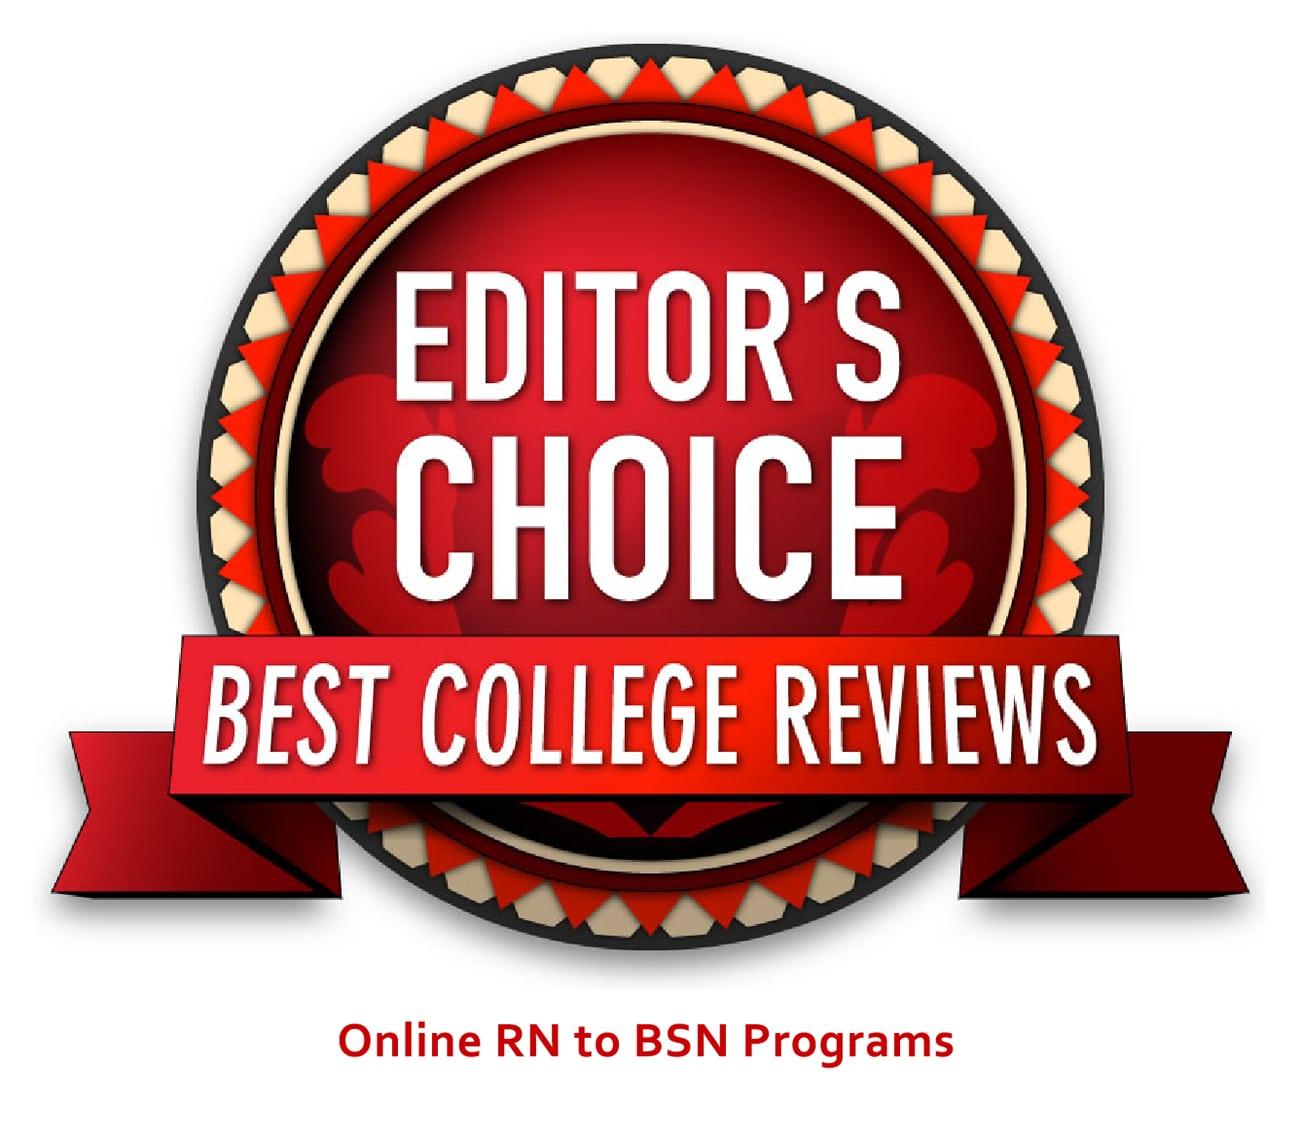 OnlineRN_BSN_BestCollegeReviews1